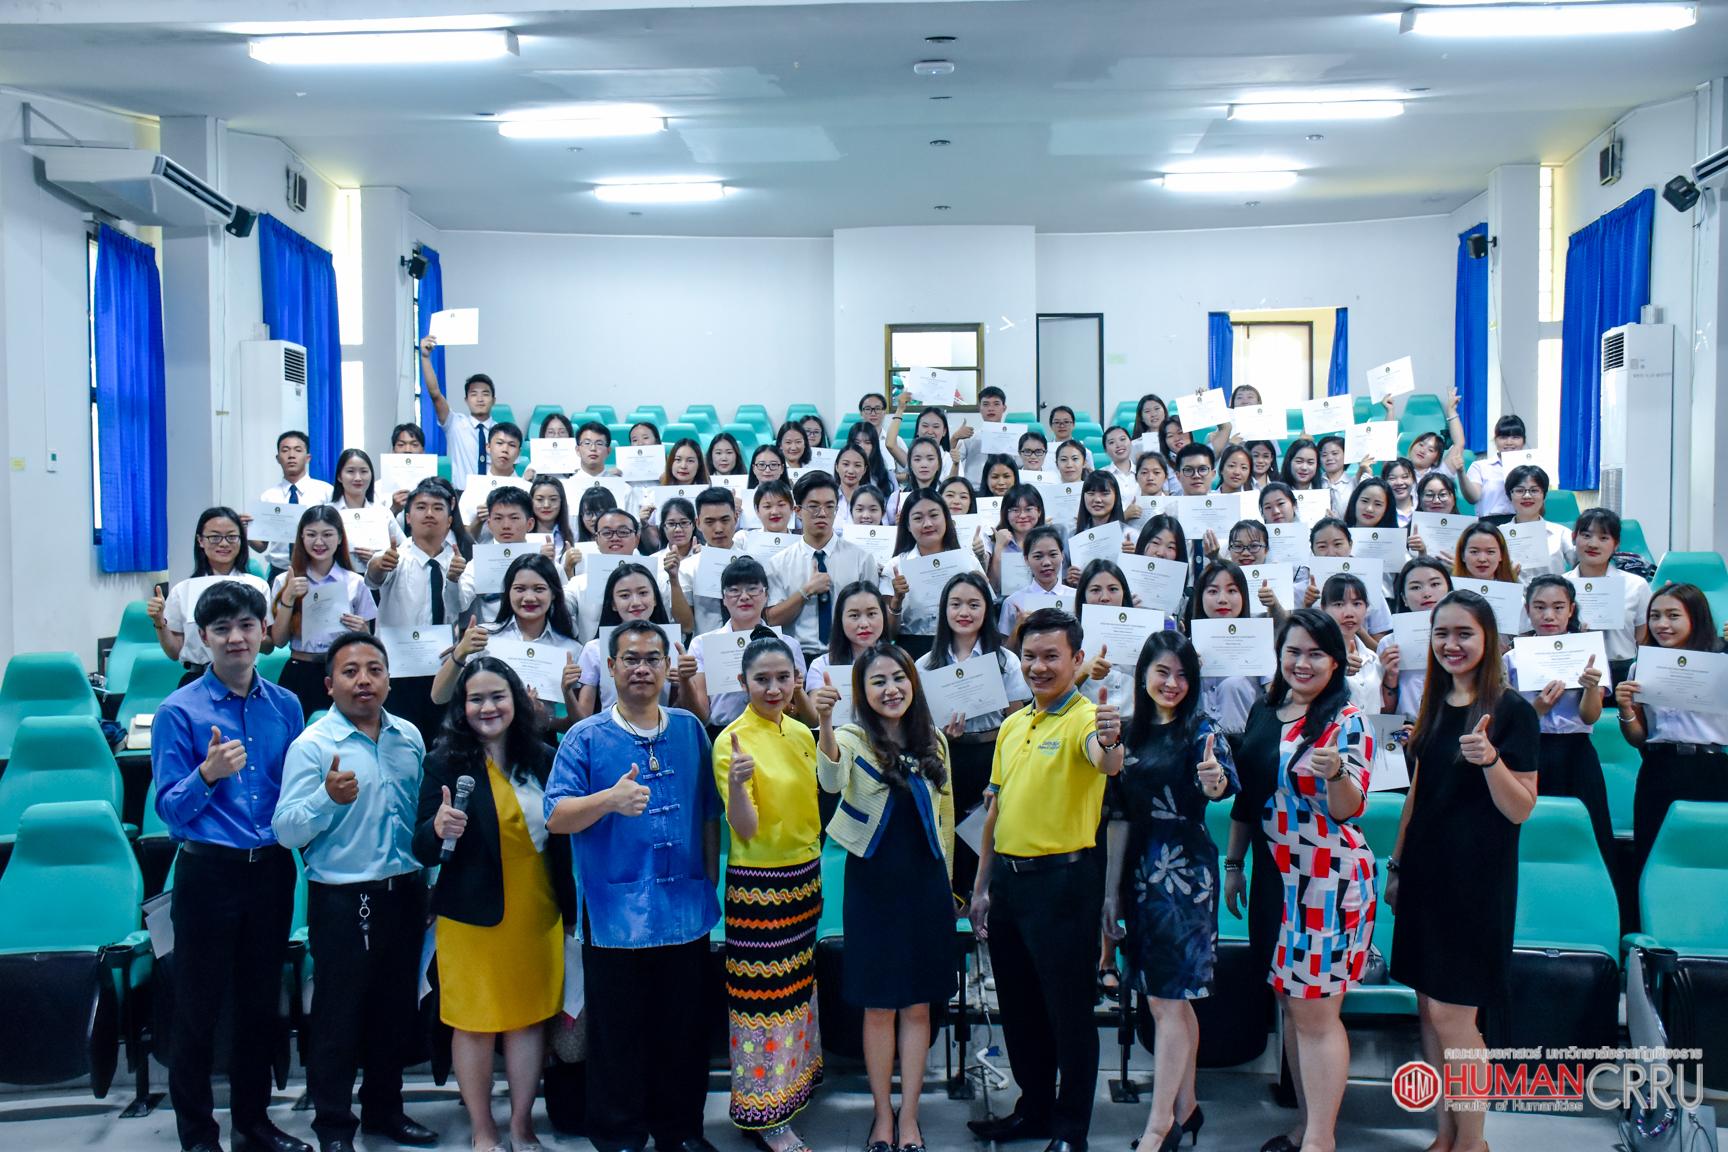 โครงการอบรมปัจฉิมนิเทศและมอบวุฒิบัตรแก่นักศึกษา